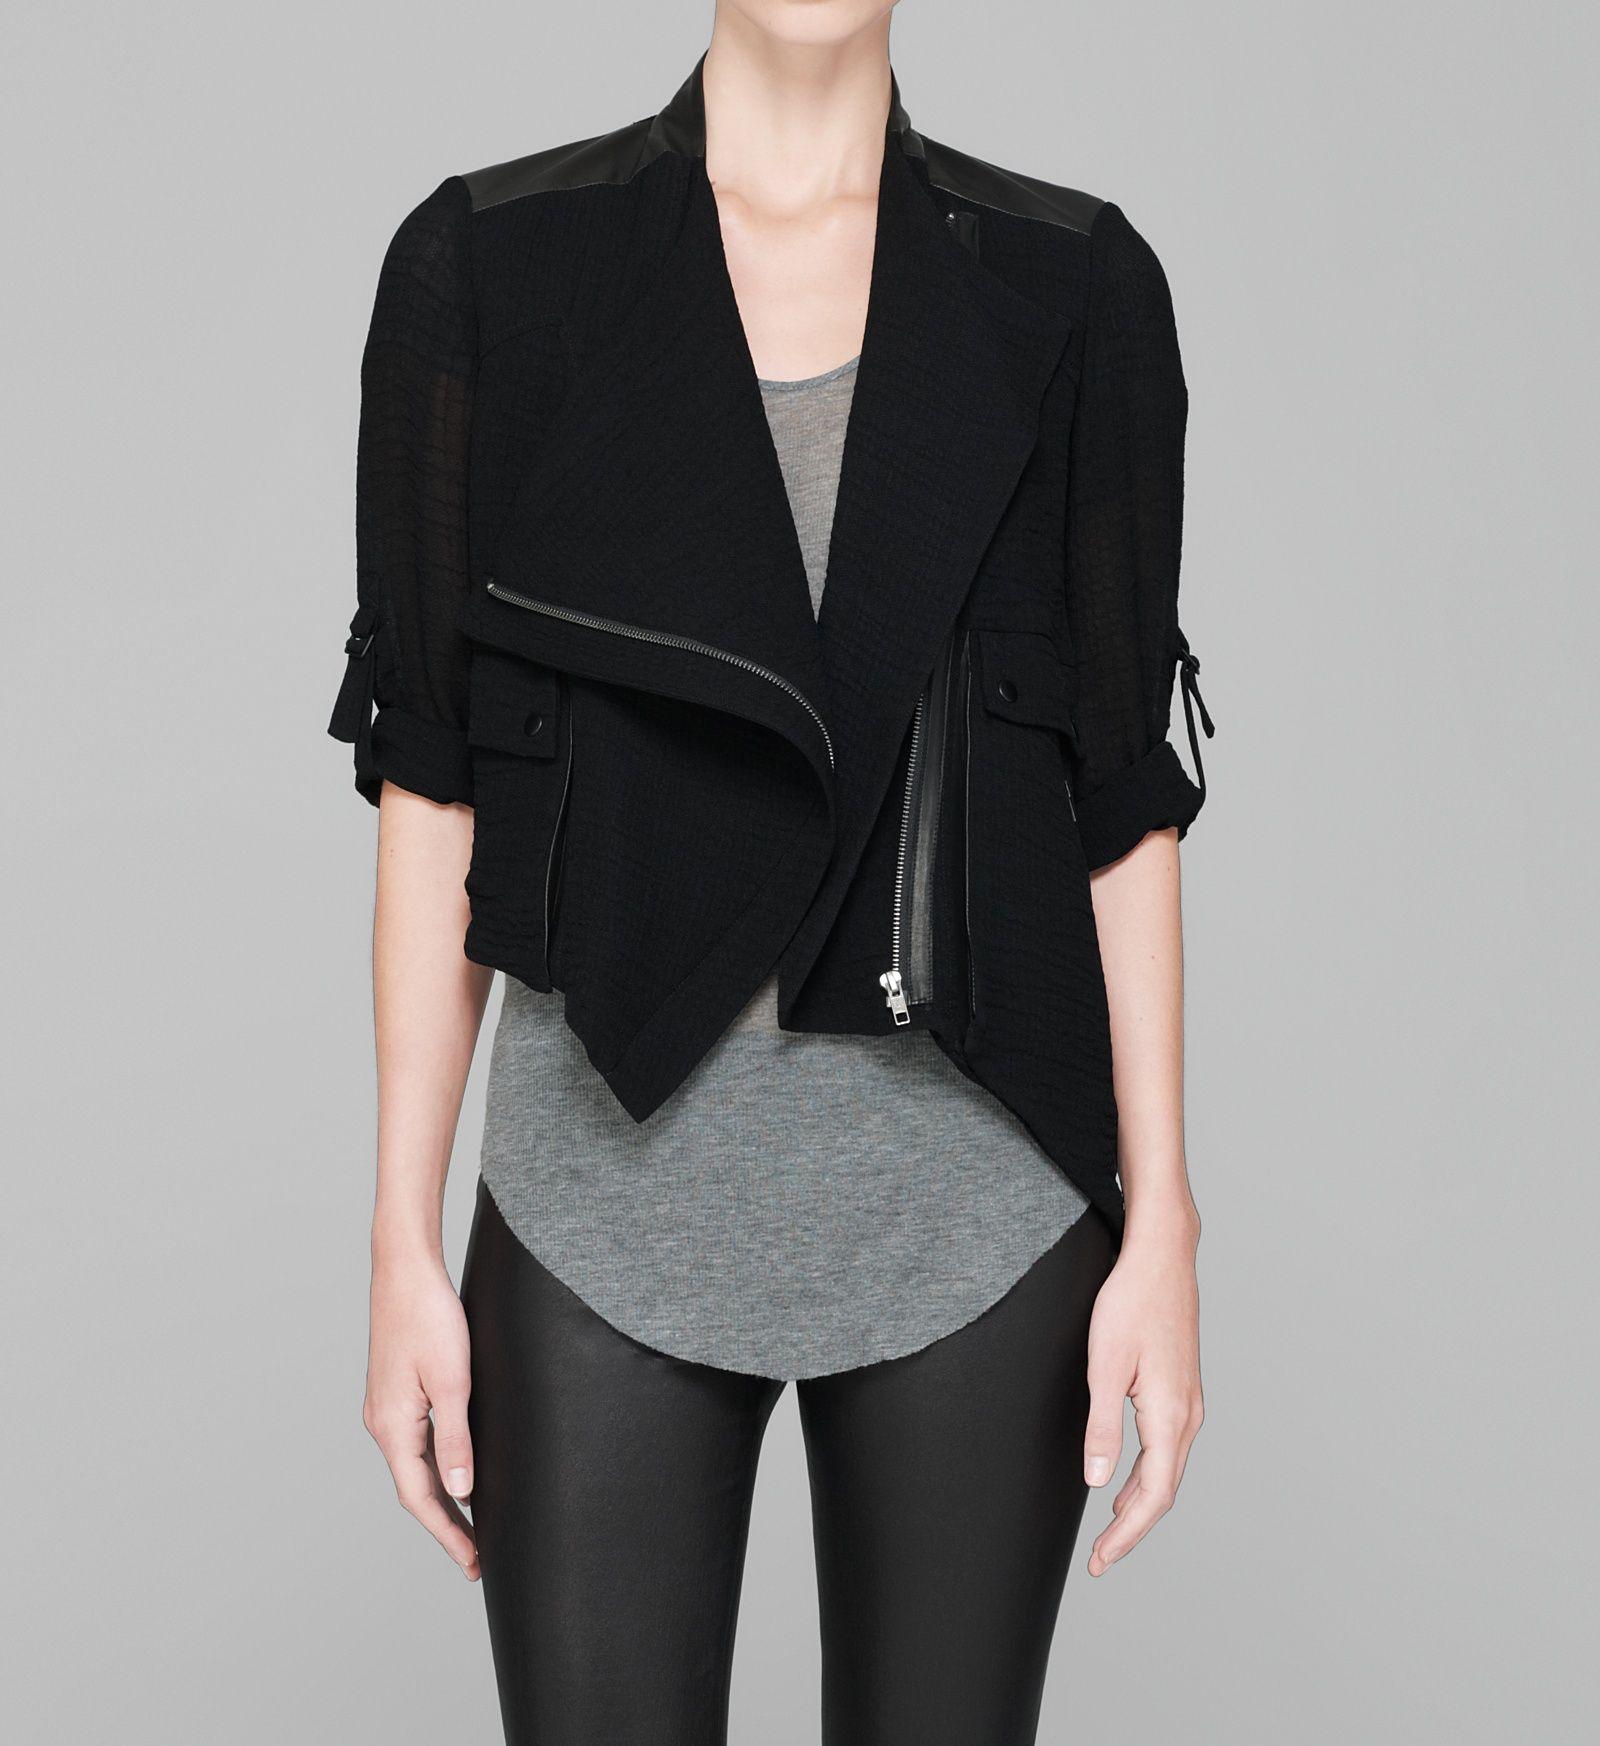 Vapor jacket // Helmut Lang